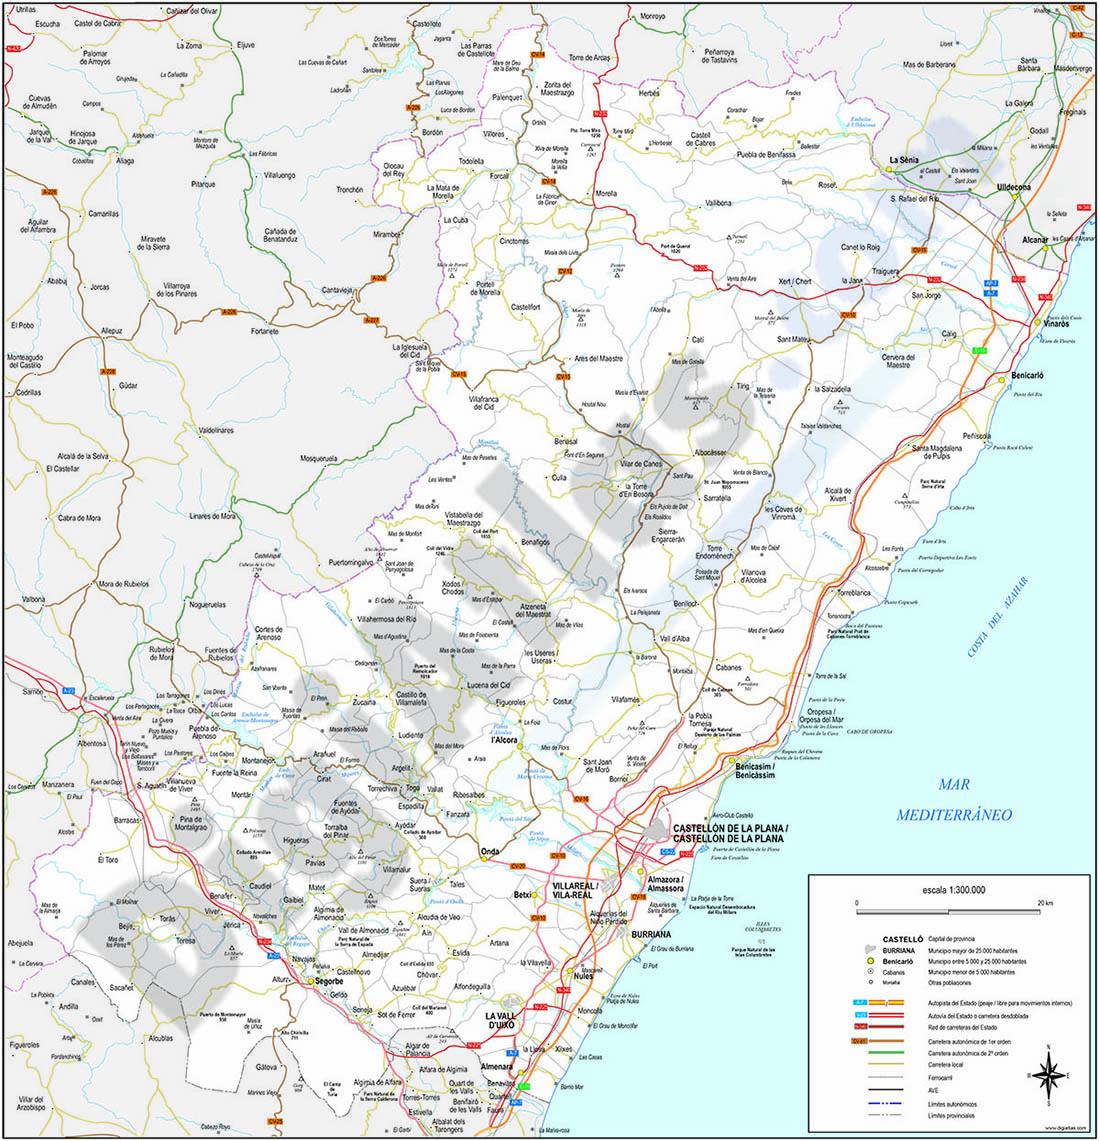 Mapa de la provincia de Castellon